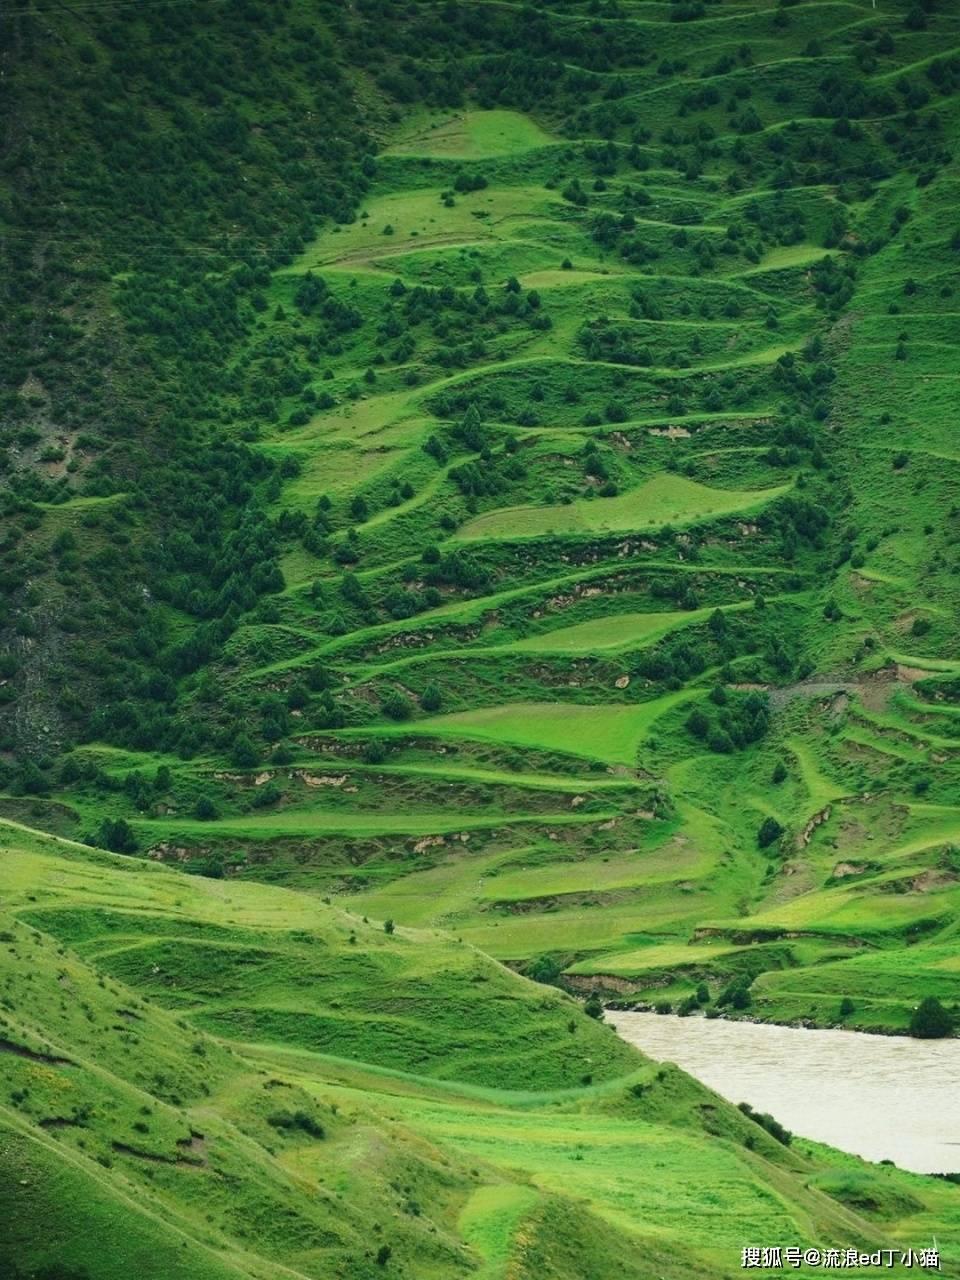 藏北高原的一个神秘峡谷,开山劈水,创